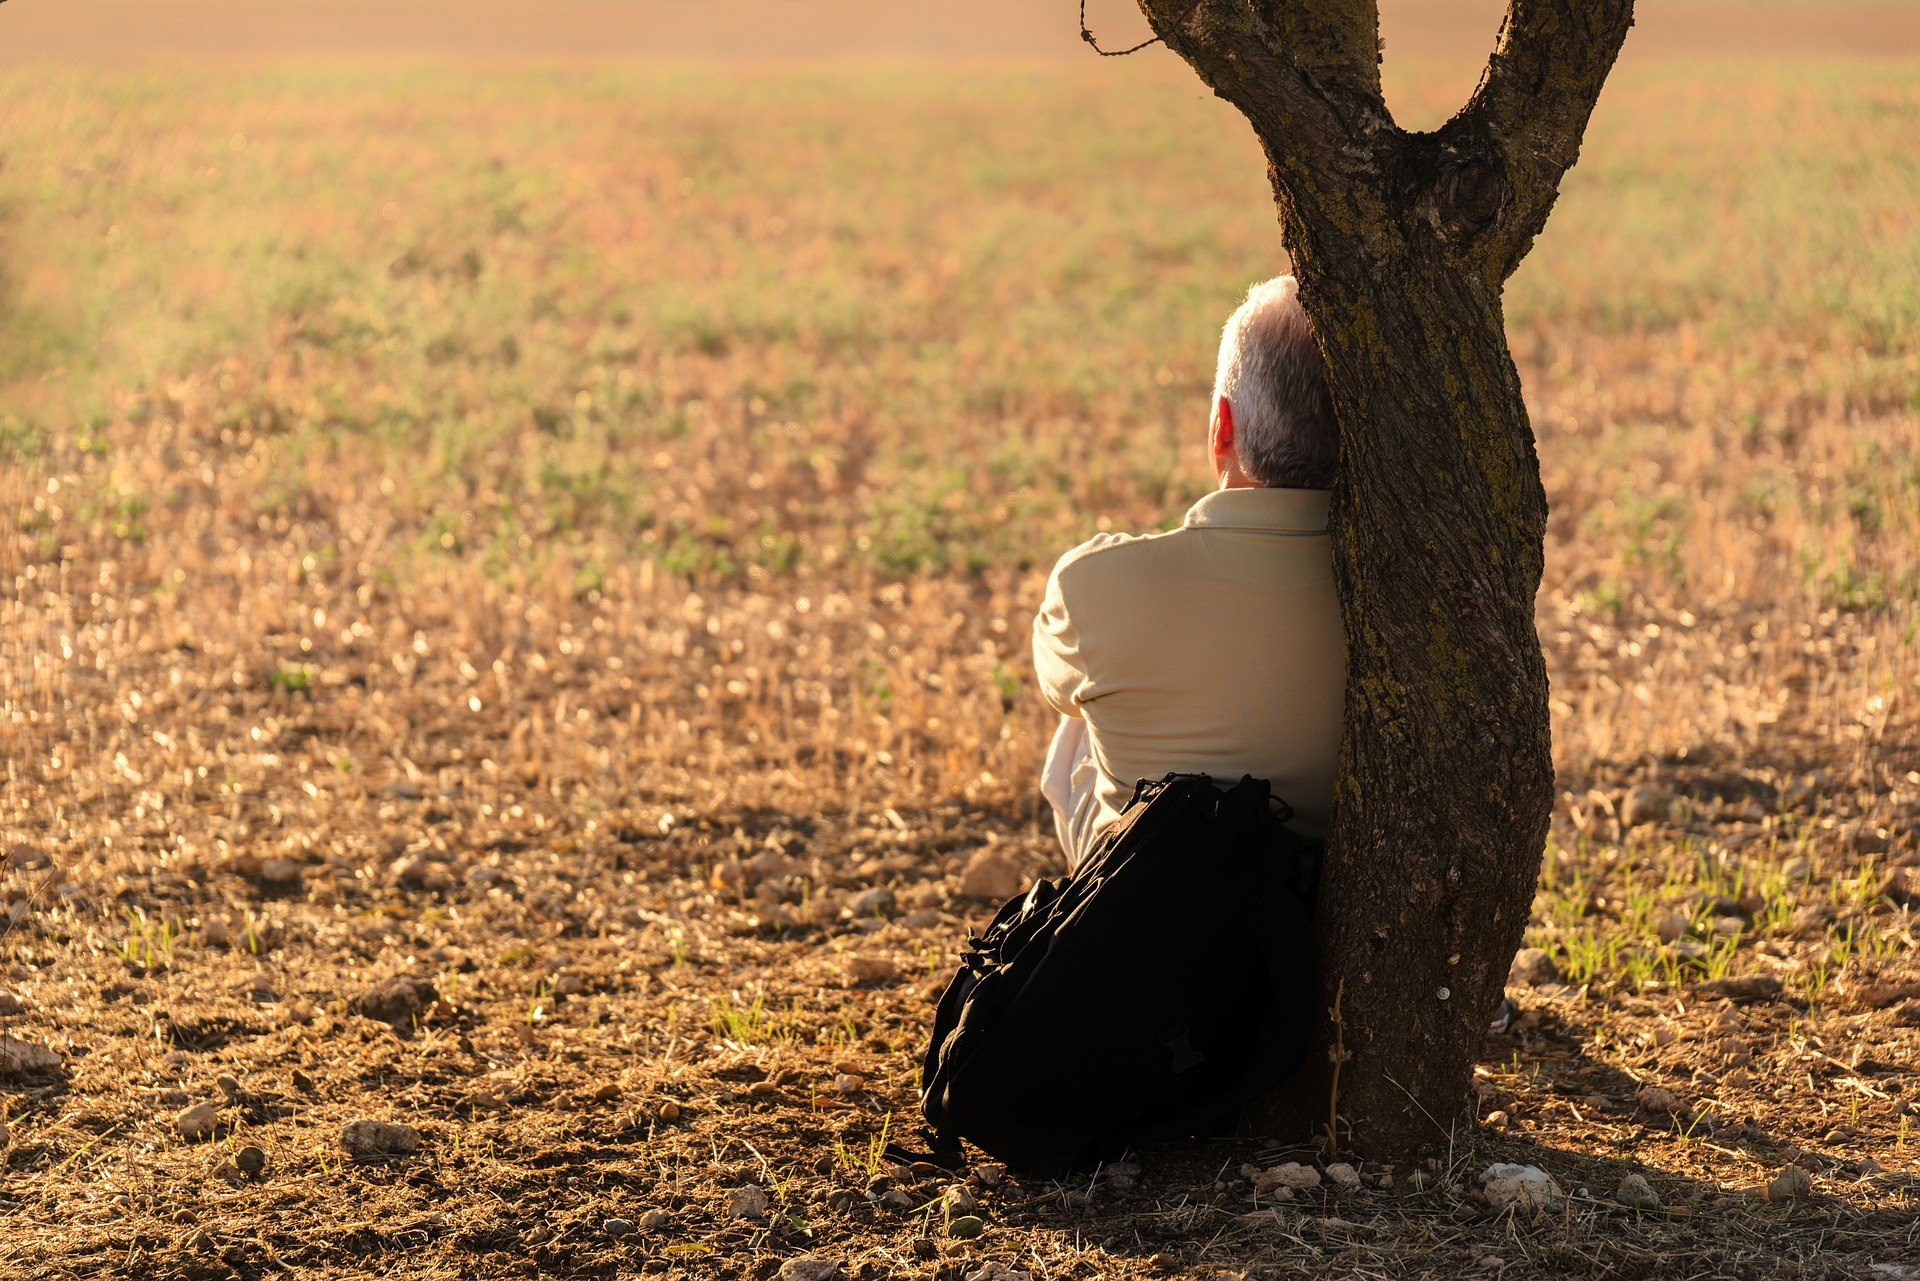 ¿Cómo percibe su entorno una persona con Alzheimer?